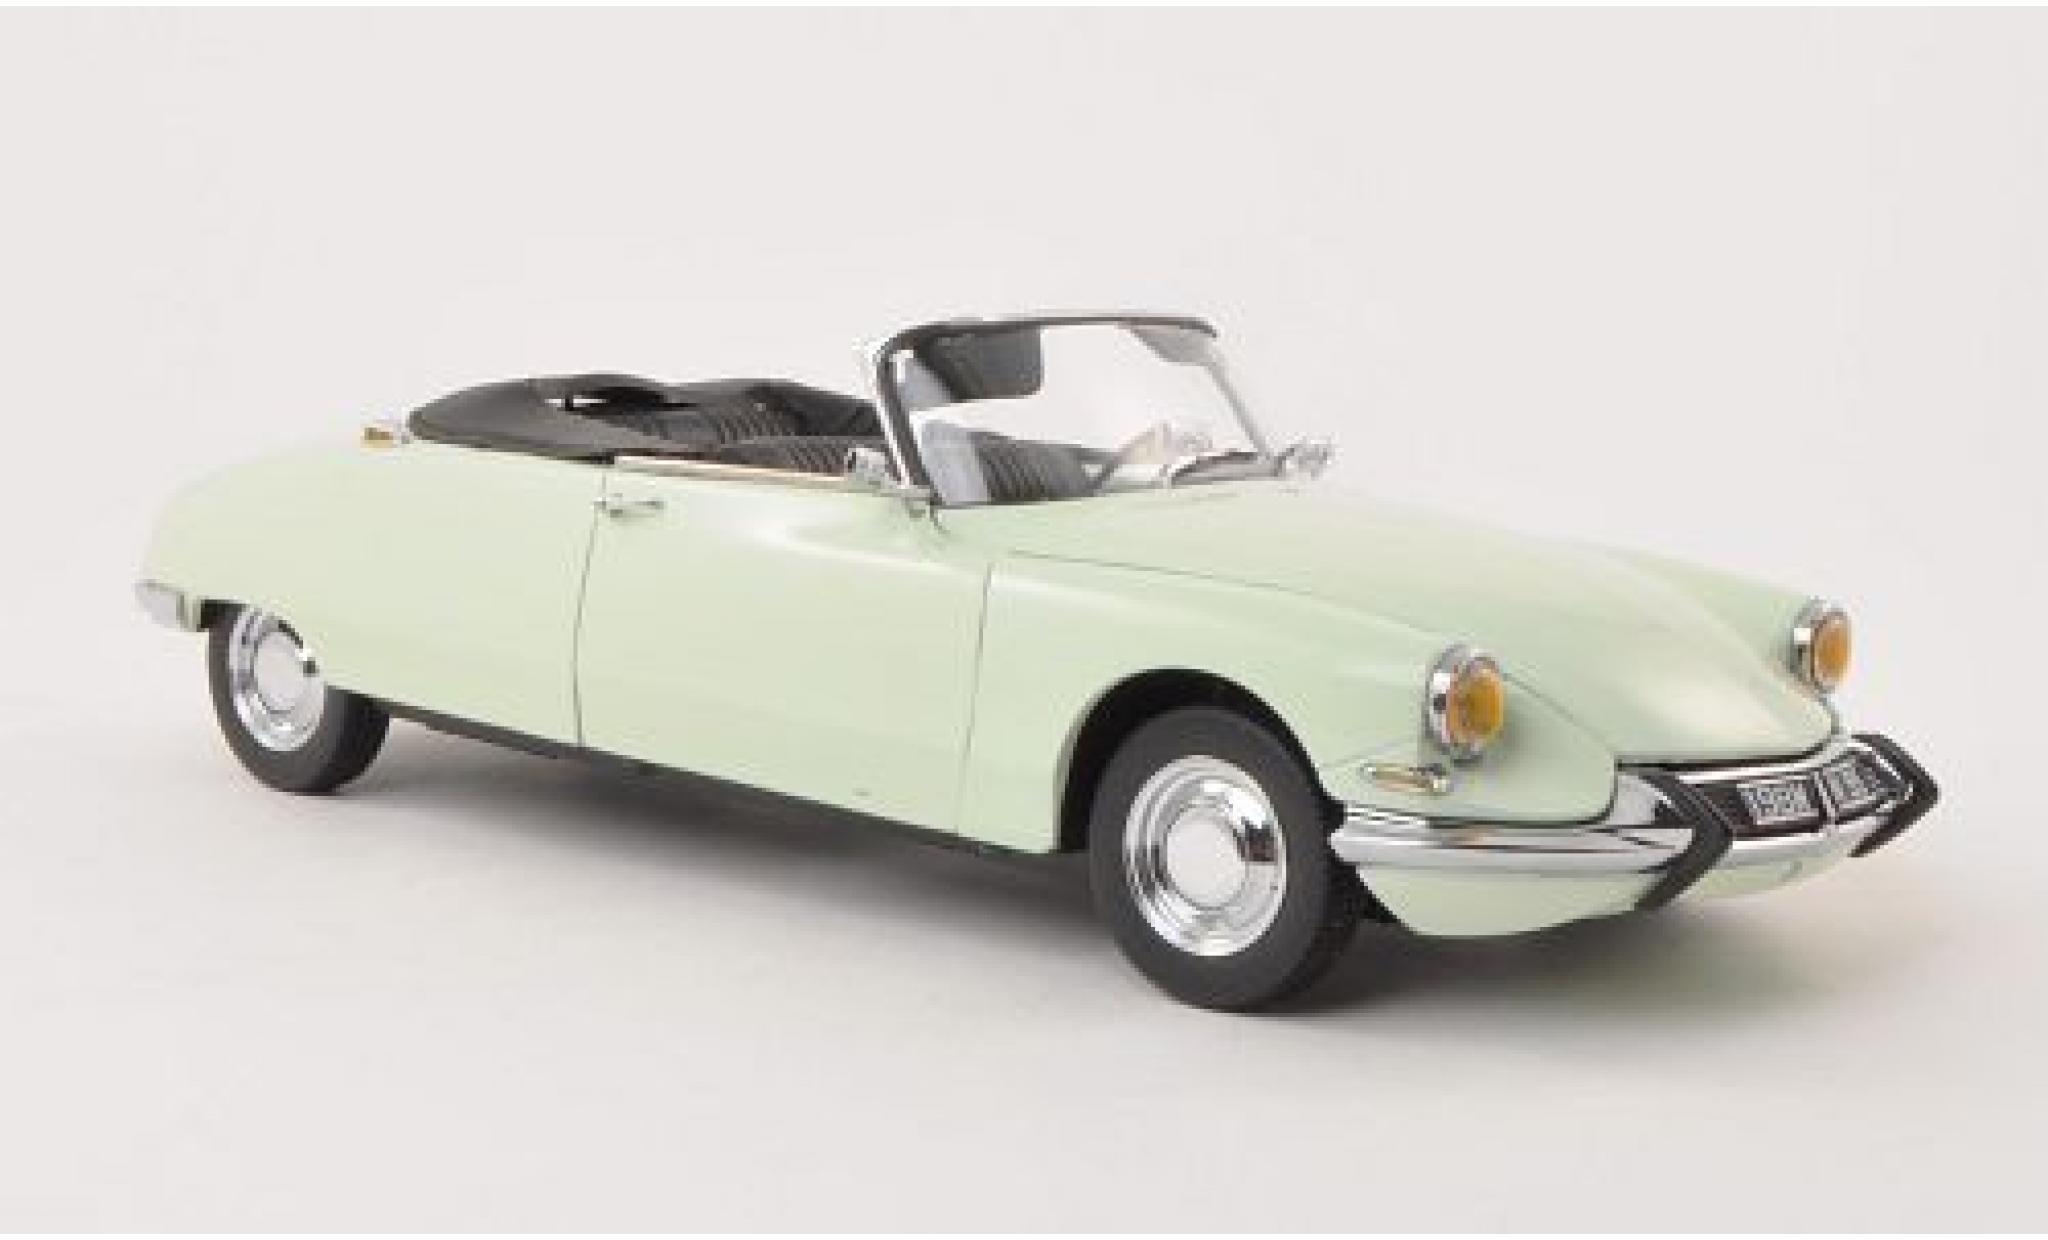 Citroen DS 1/18 Sun Star 19 Cabriolet verte 1961 Softtop couché avec avec Simulation le Hydropneumatik